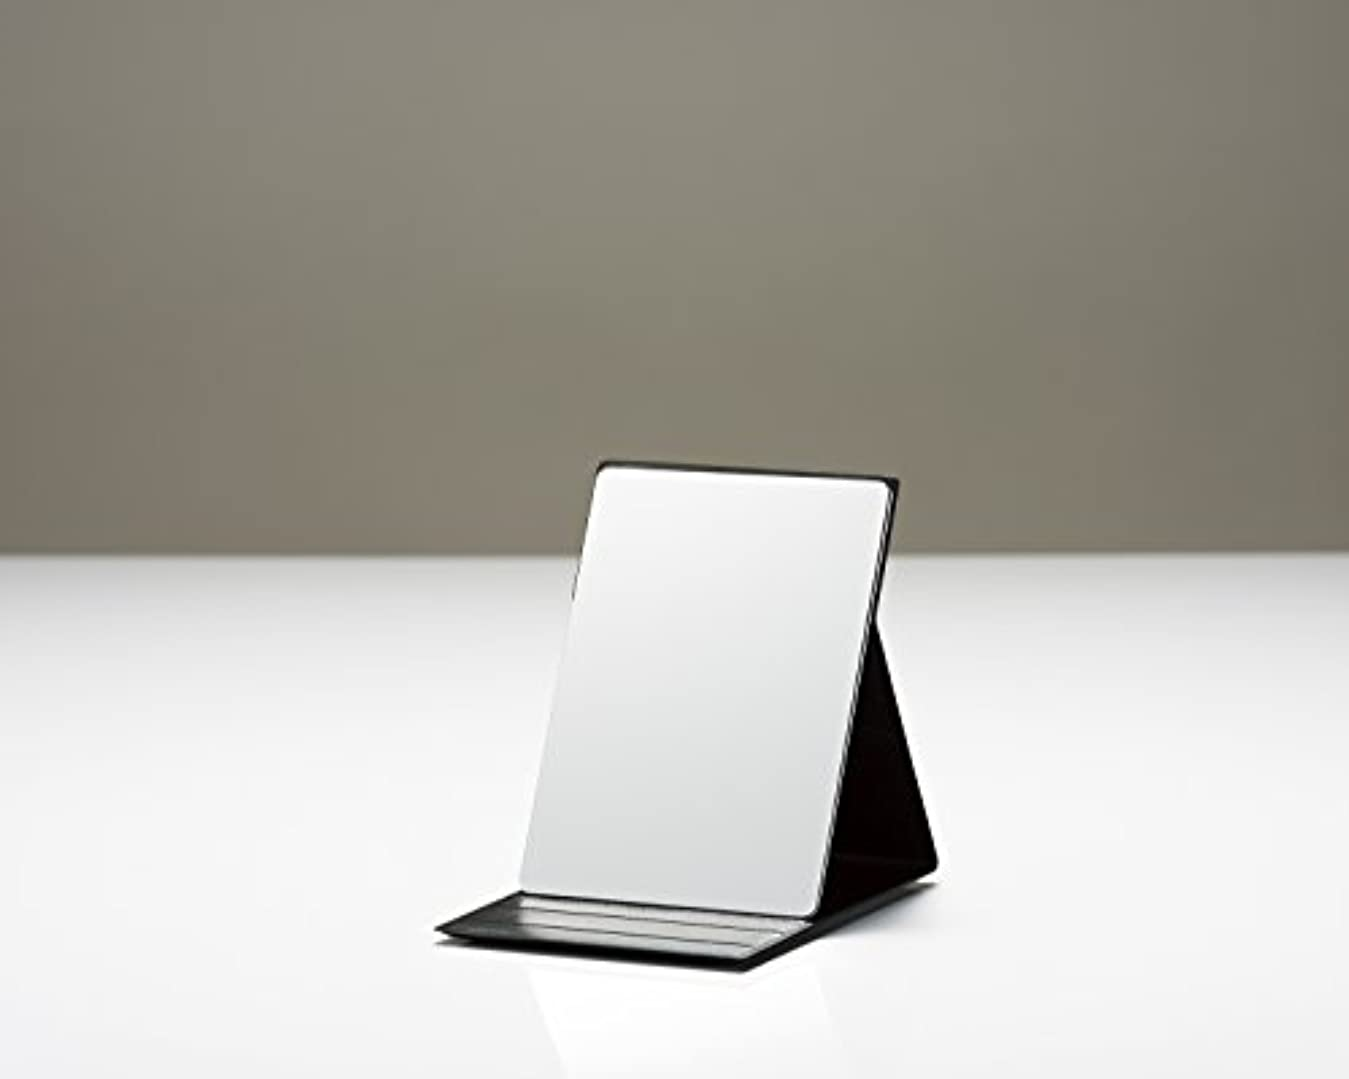 メダルルーキー豪華な割れないミラー いきいきミラー折立(M)